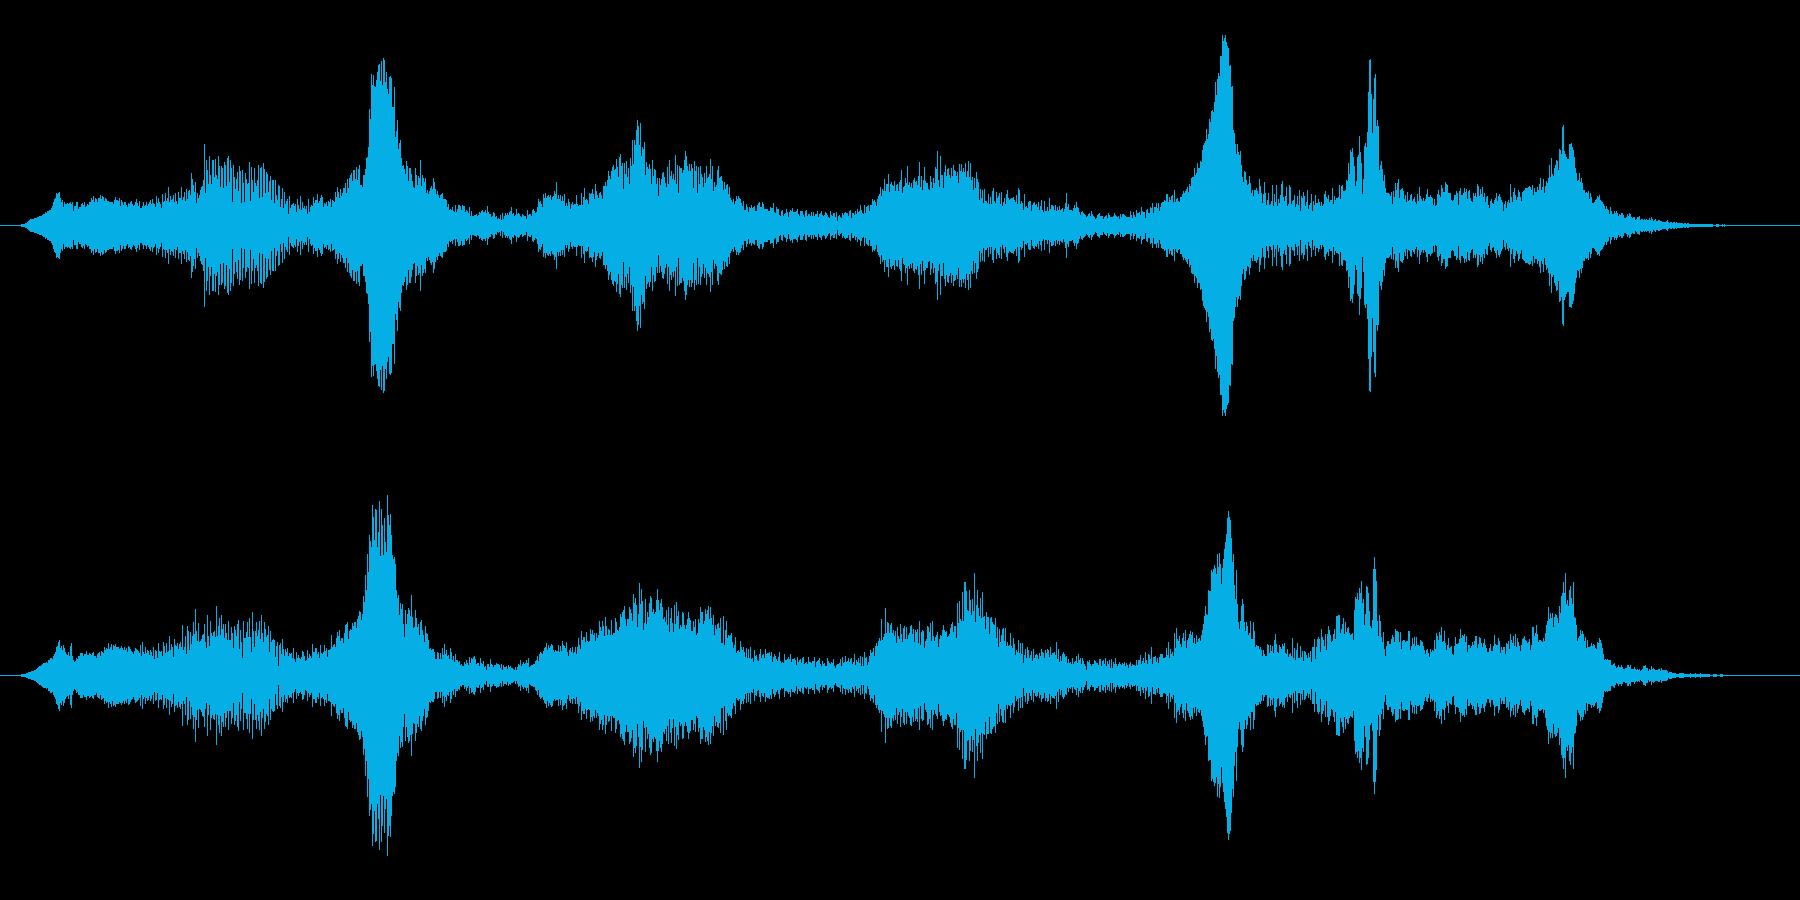 不気味な空気の音 ホワーン 電磁波 未知の再生済みの波形